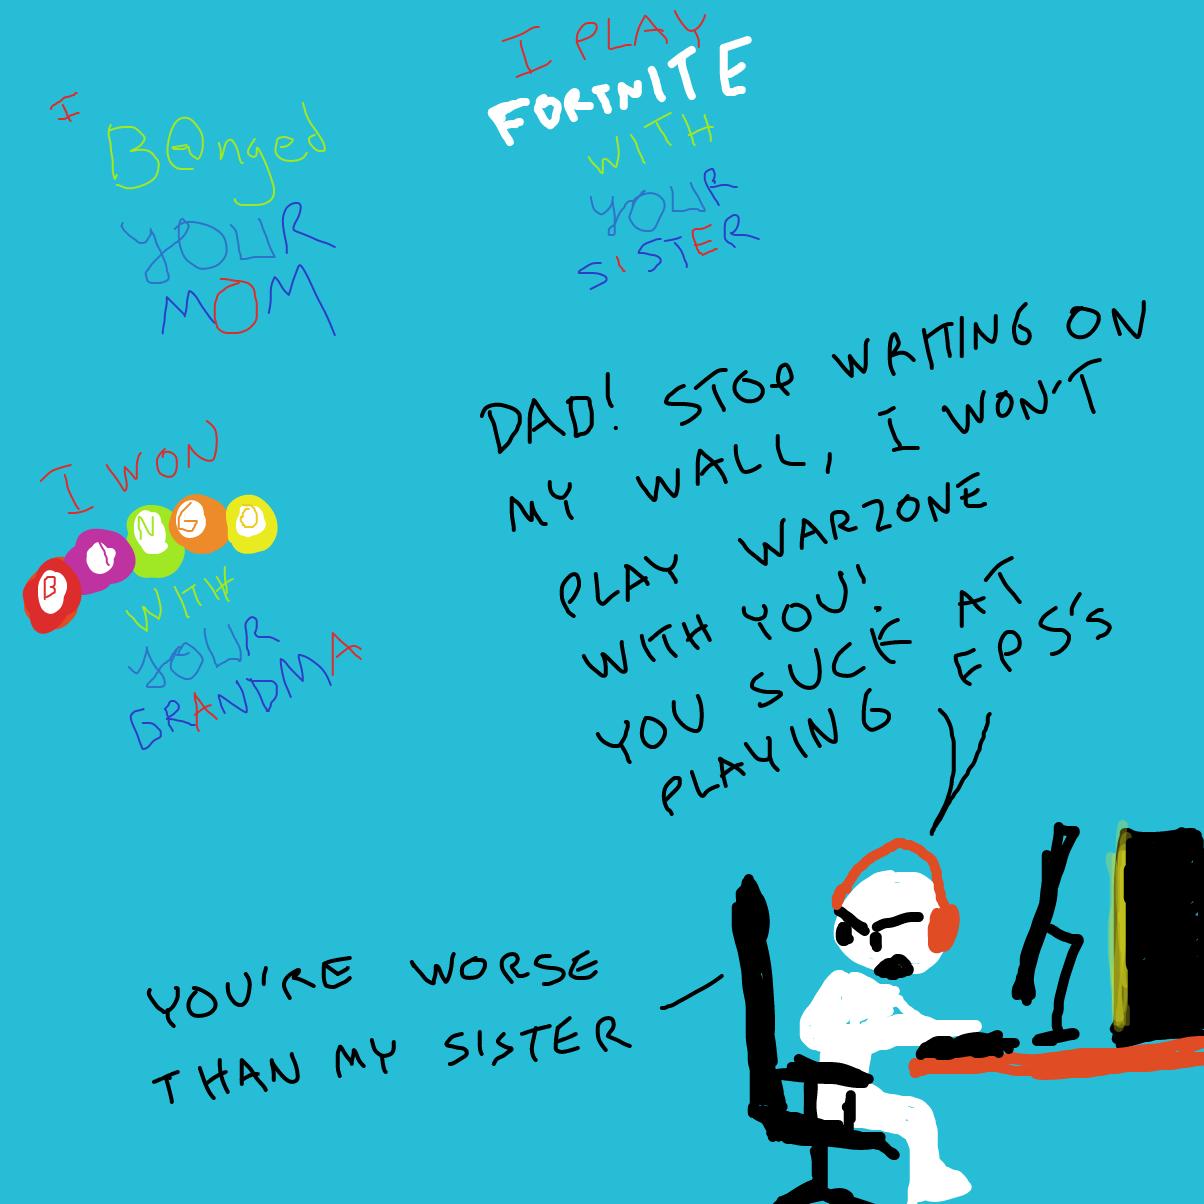 - Online Drawing Game Comic Strip Panel by Sabandija